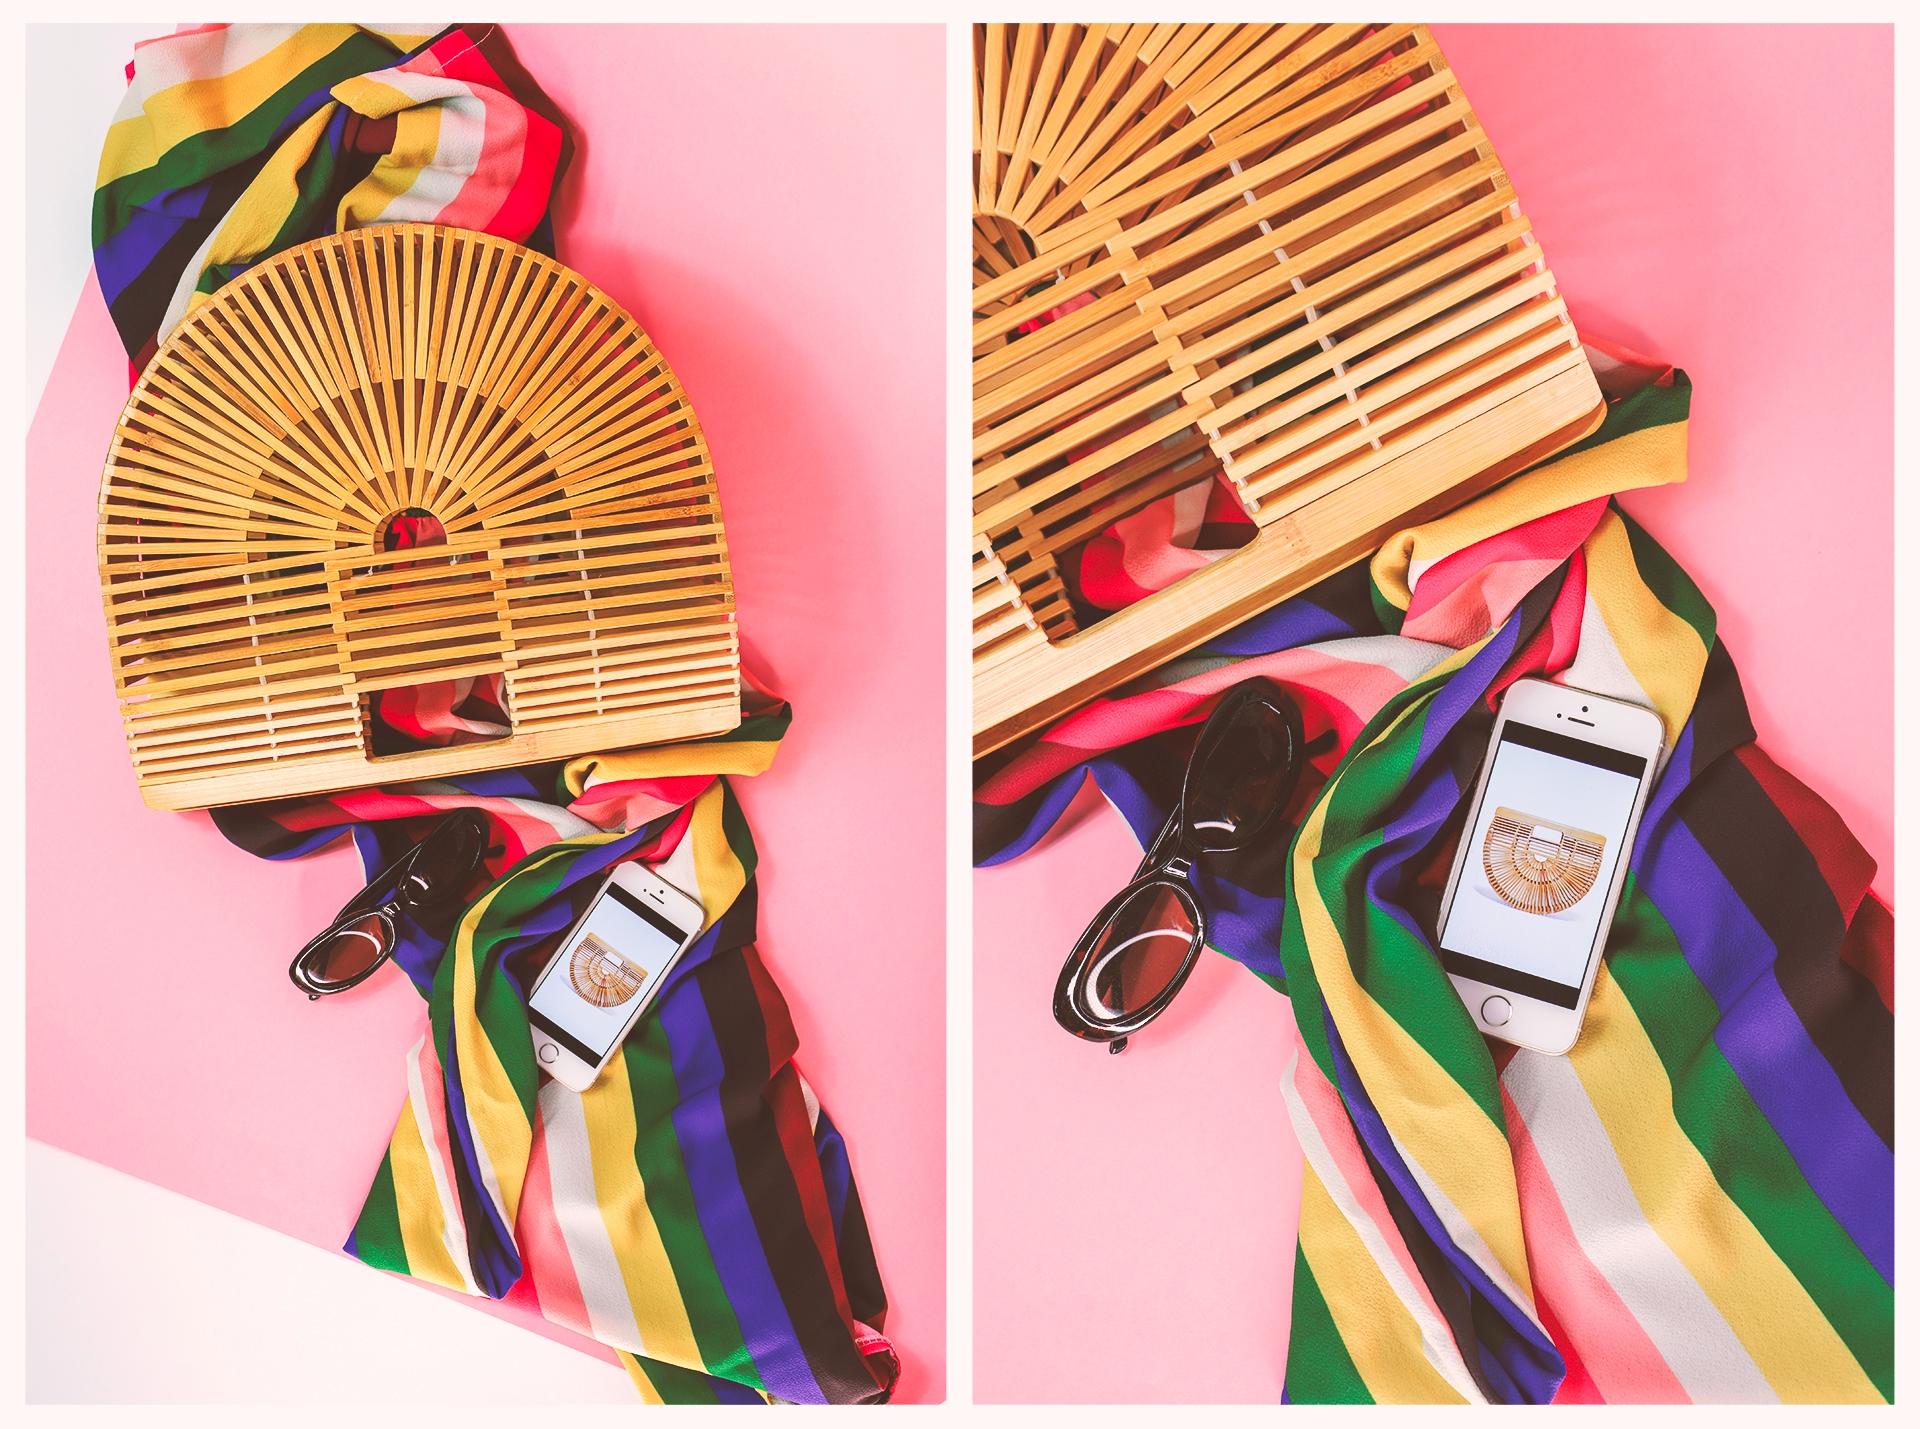 Obraz przedstawia dwa zdjęcia bambusowego koszyka leżącego na kolorowej tkaninie w paski. Widzimy również okulary przeciwsłoneczne i telefon.